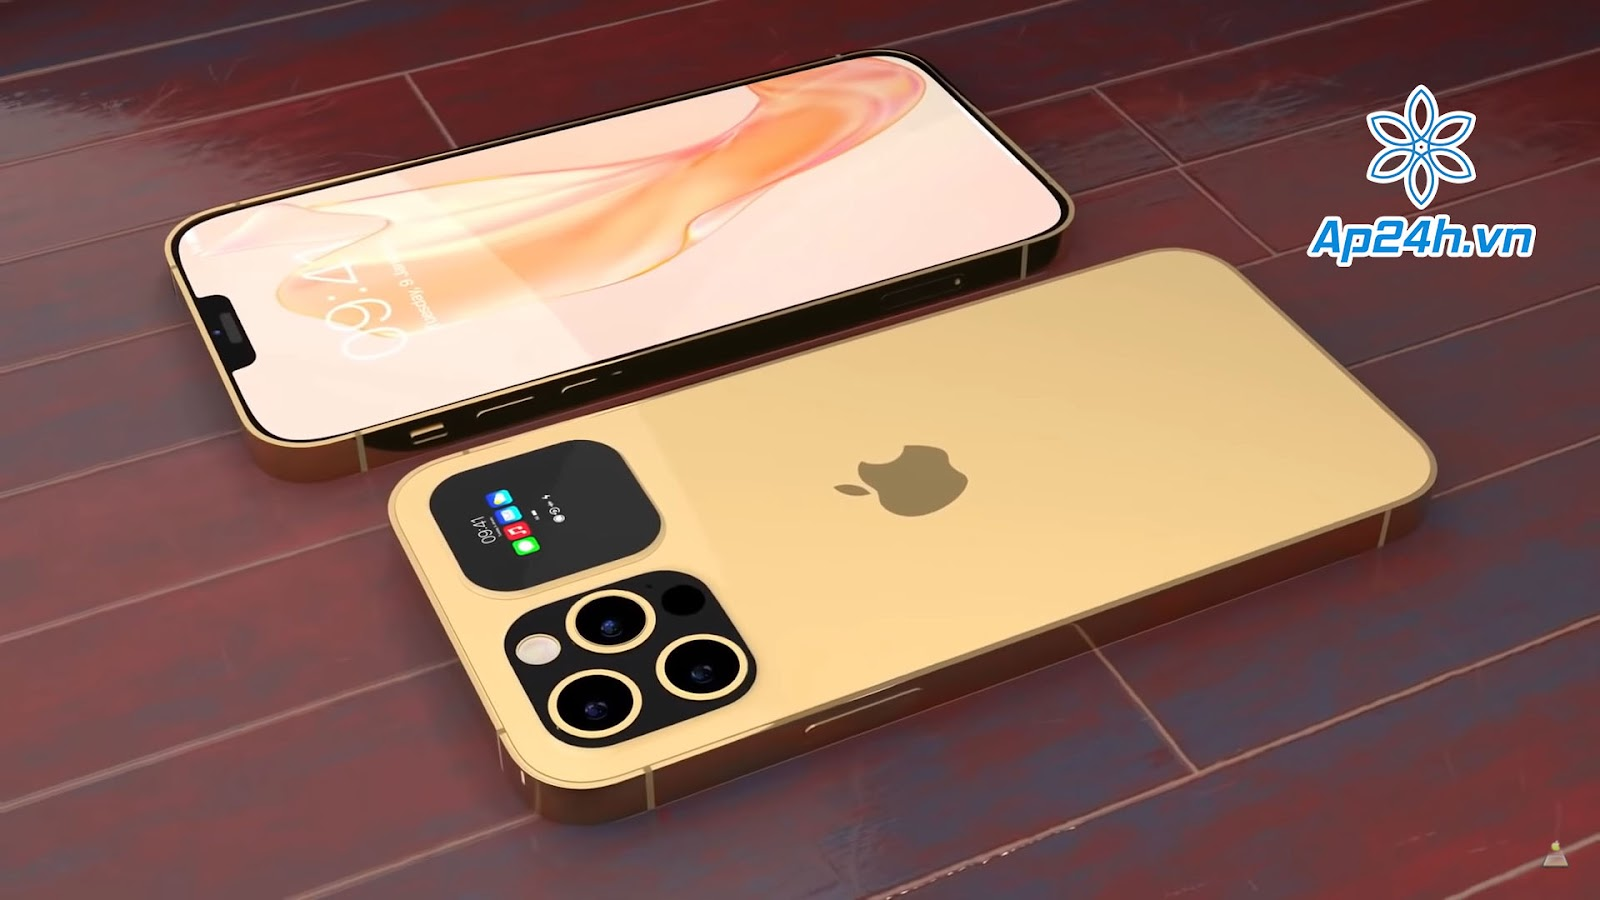 Màn hình phụ tại mặt lưng của iPhone 13 Pro